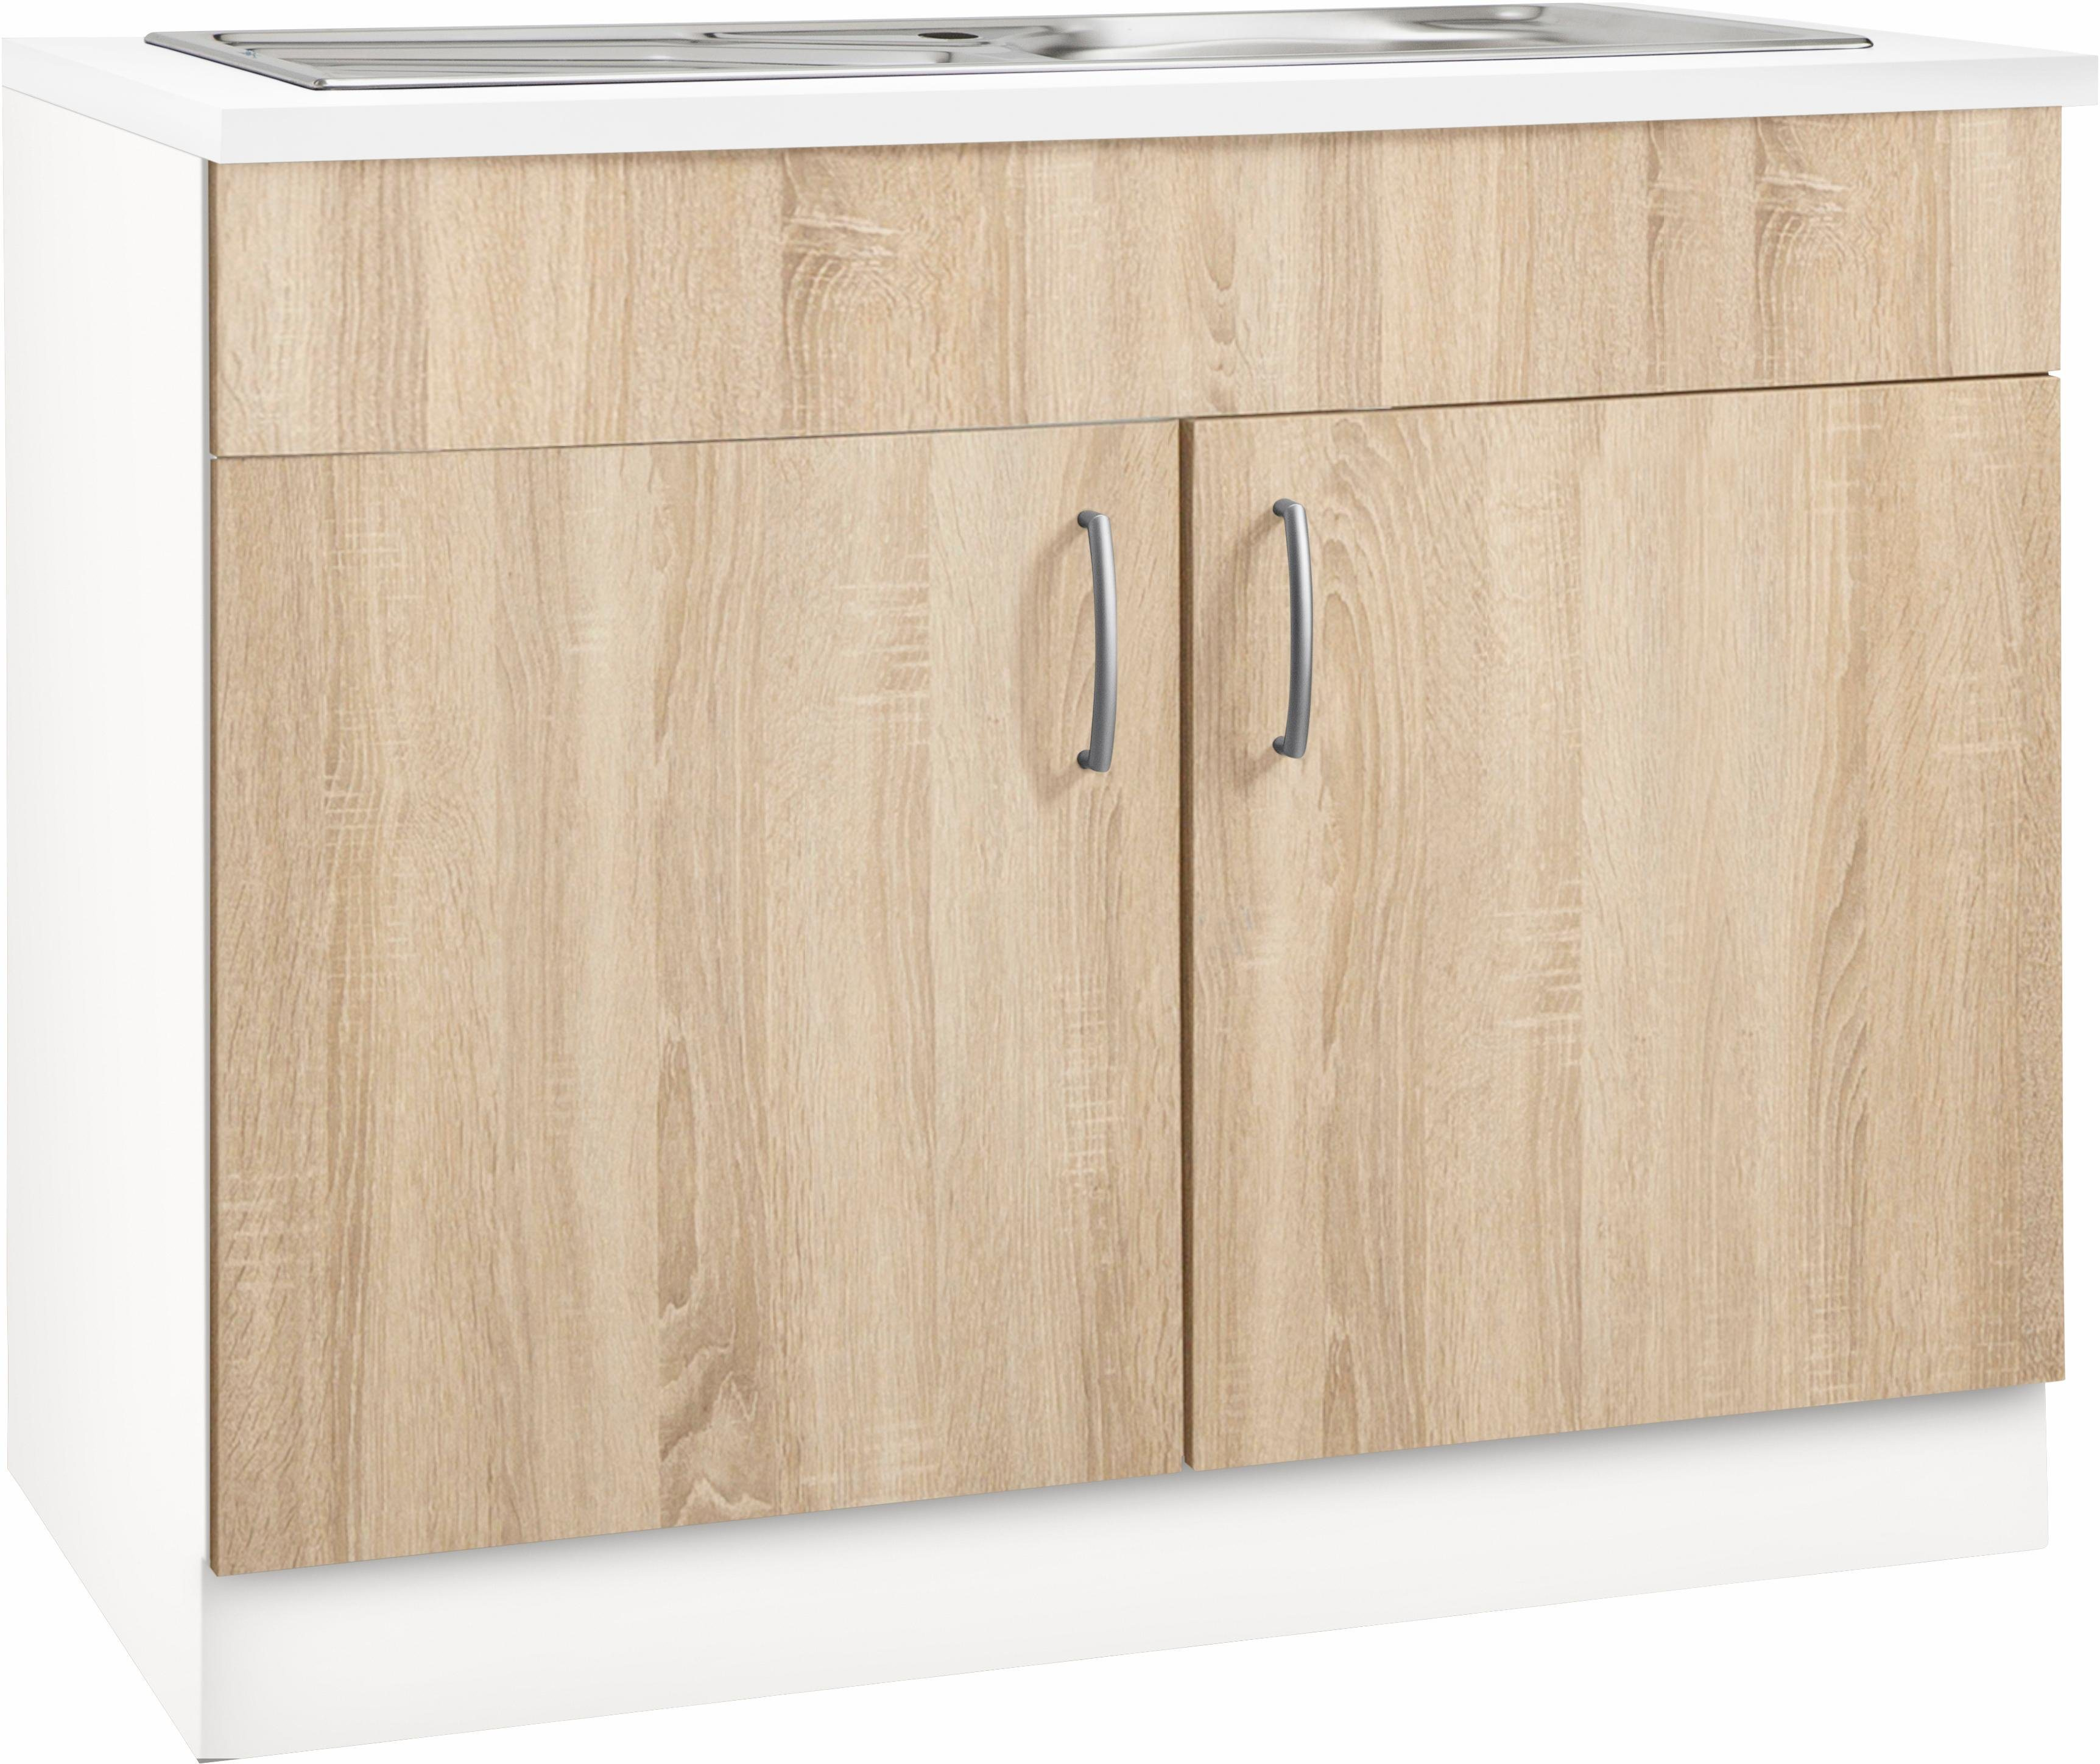 Spülenschrank »Brilon« | Küche und Esszimmer > Küchenschränke > Spülenschränke | Weiß - Glanz | Edelstahl - Melamin | wiho Küchen